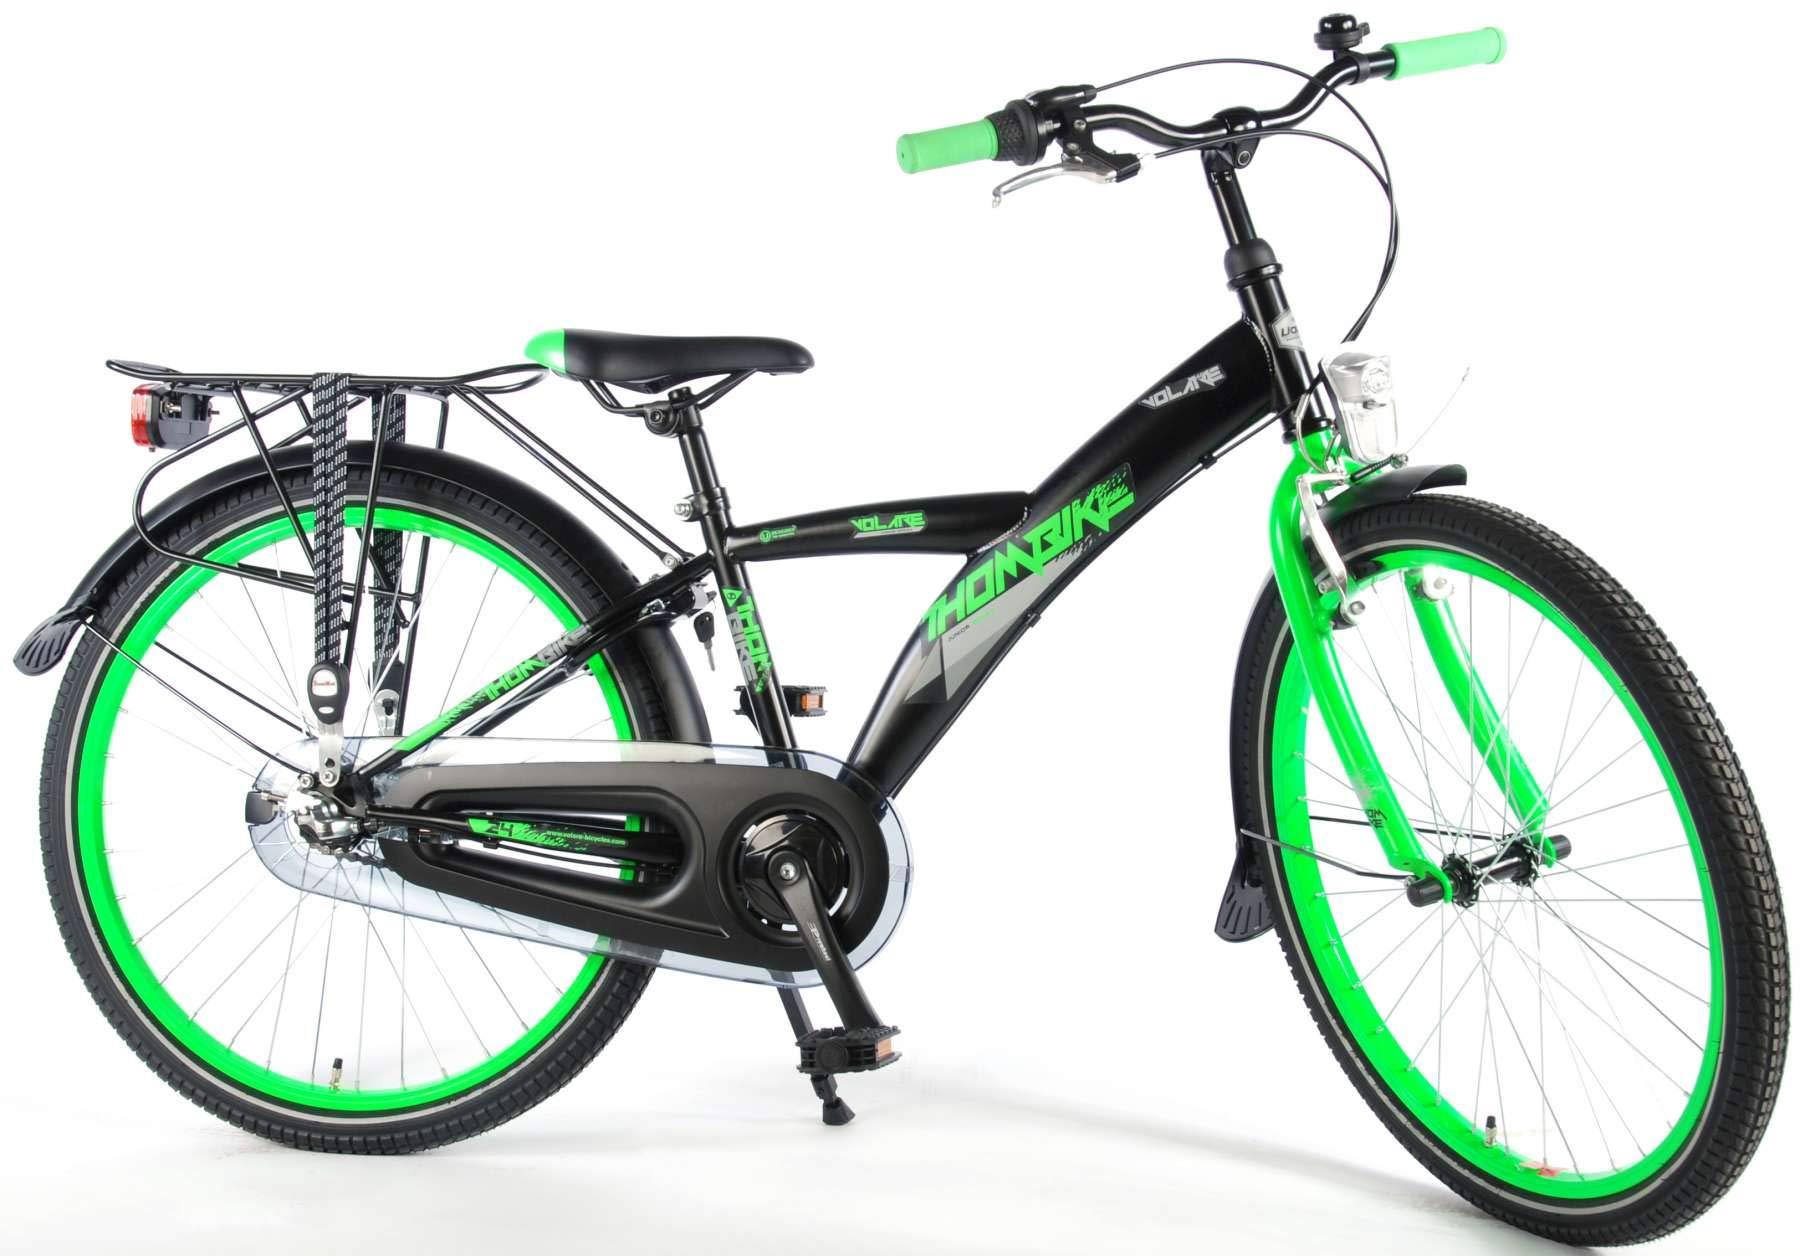 Bicicleta Niño Chico 24 Pulgadas Thombike City Freno Delantero al ...